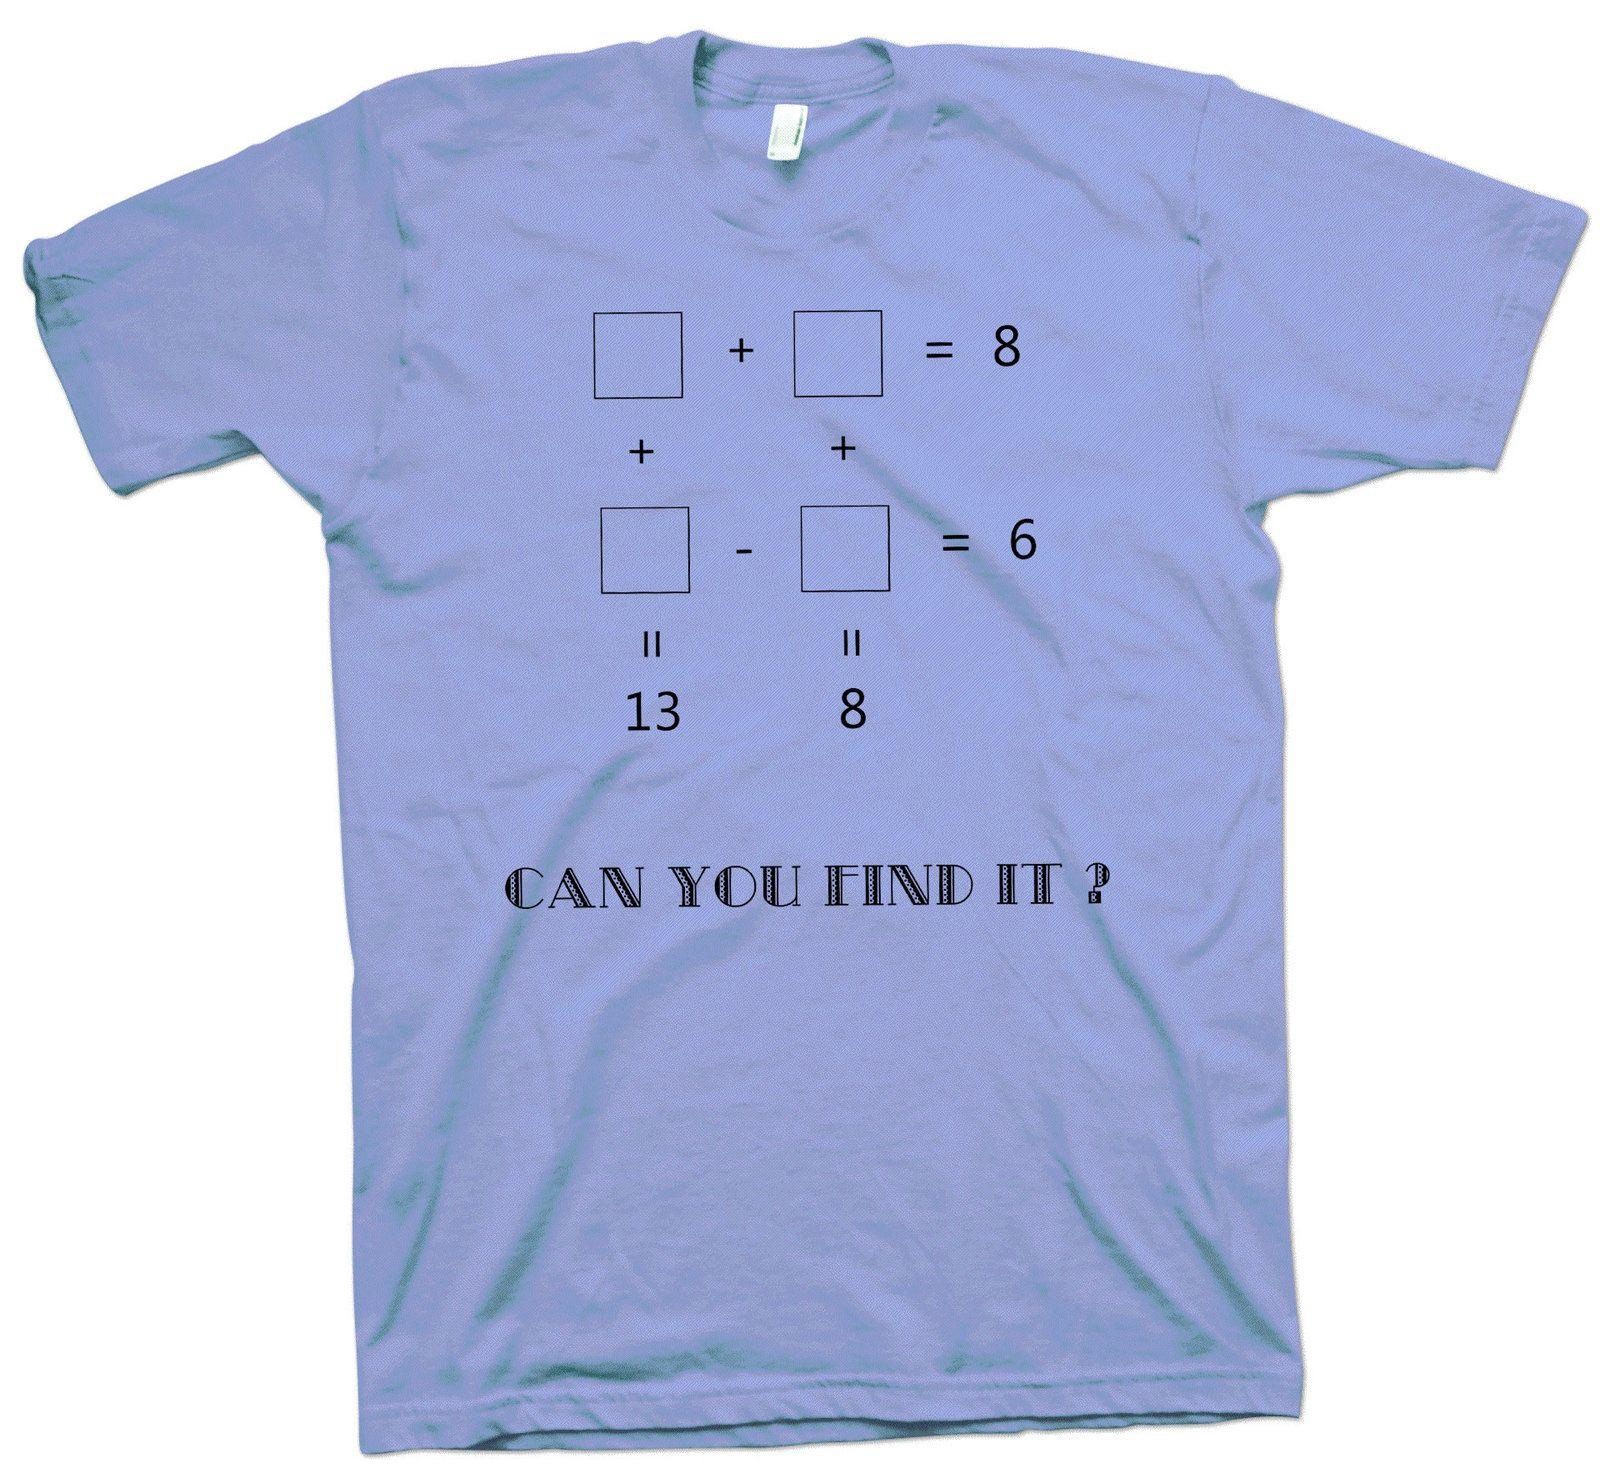 Xswsy XG Mens V-Neck Printed T-Shirt Short-Sleeve Casual Summer Tee Tops